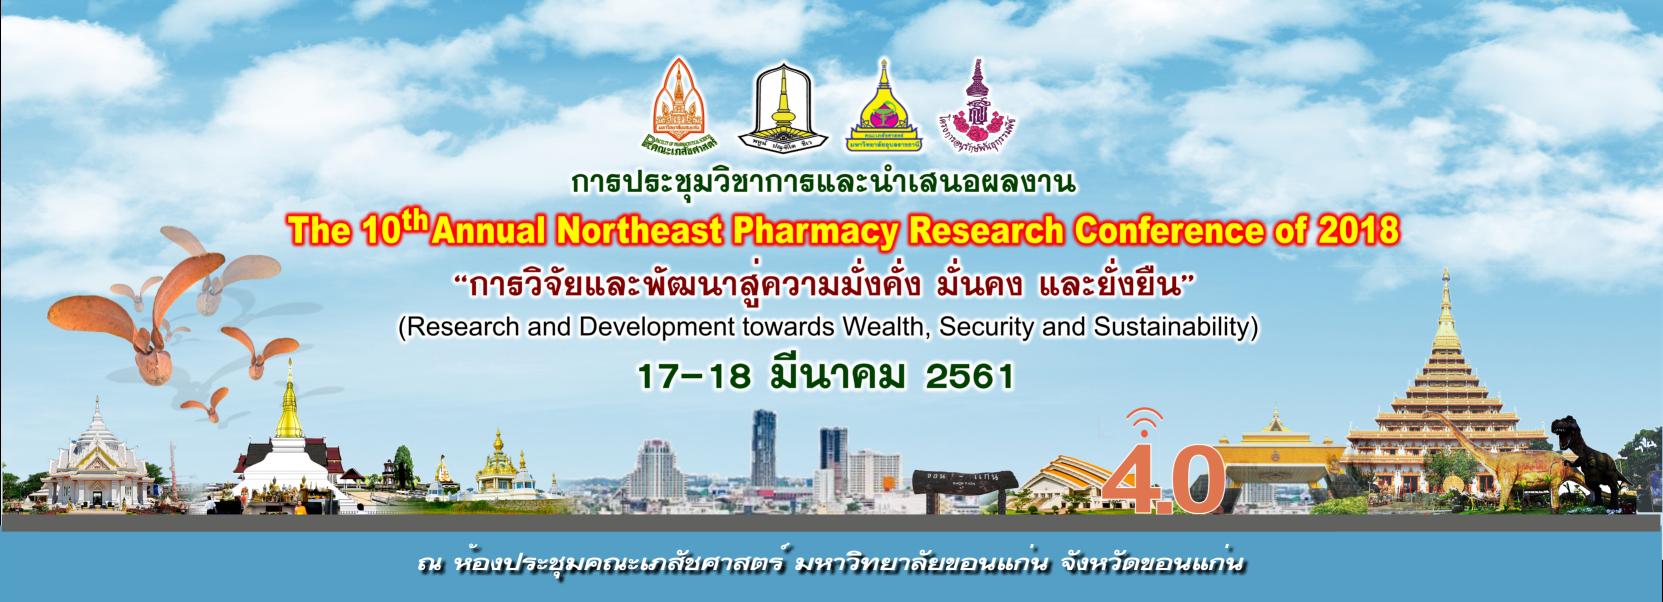 การประชุมวิชาการและนำเสนอผลงาน The 10th Annual Northeast Pharmacy Research Conference of 2018 (NEPhReC 2018)